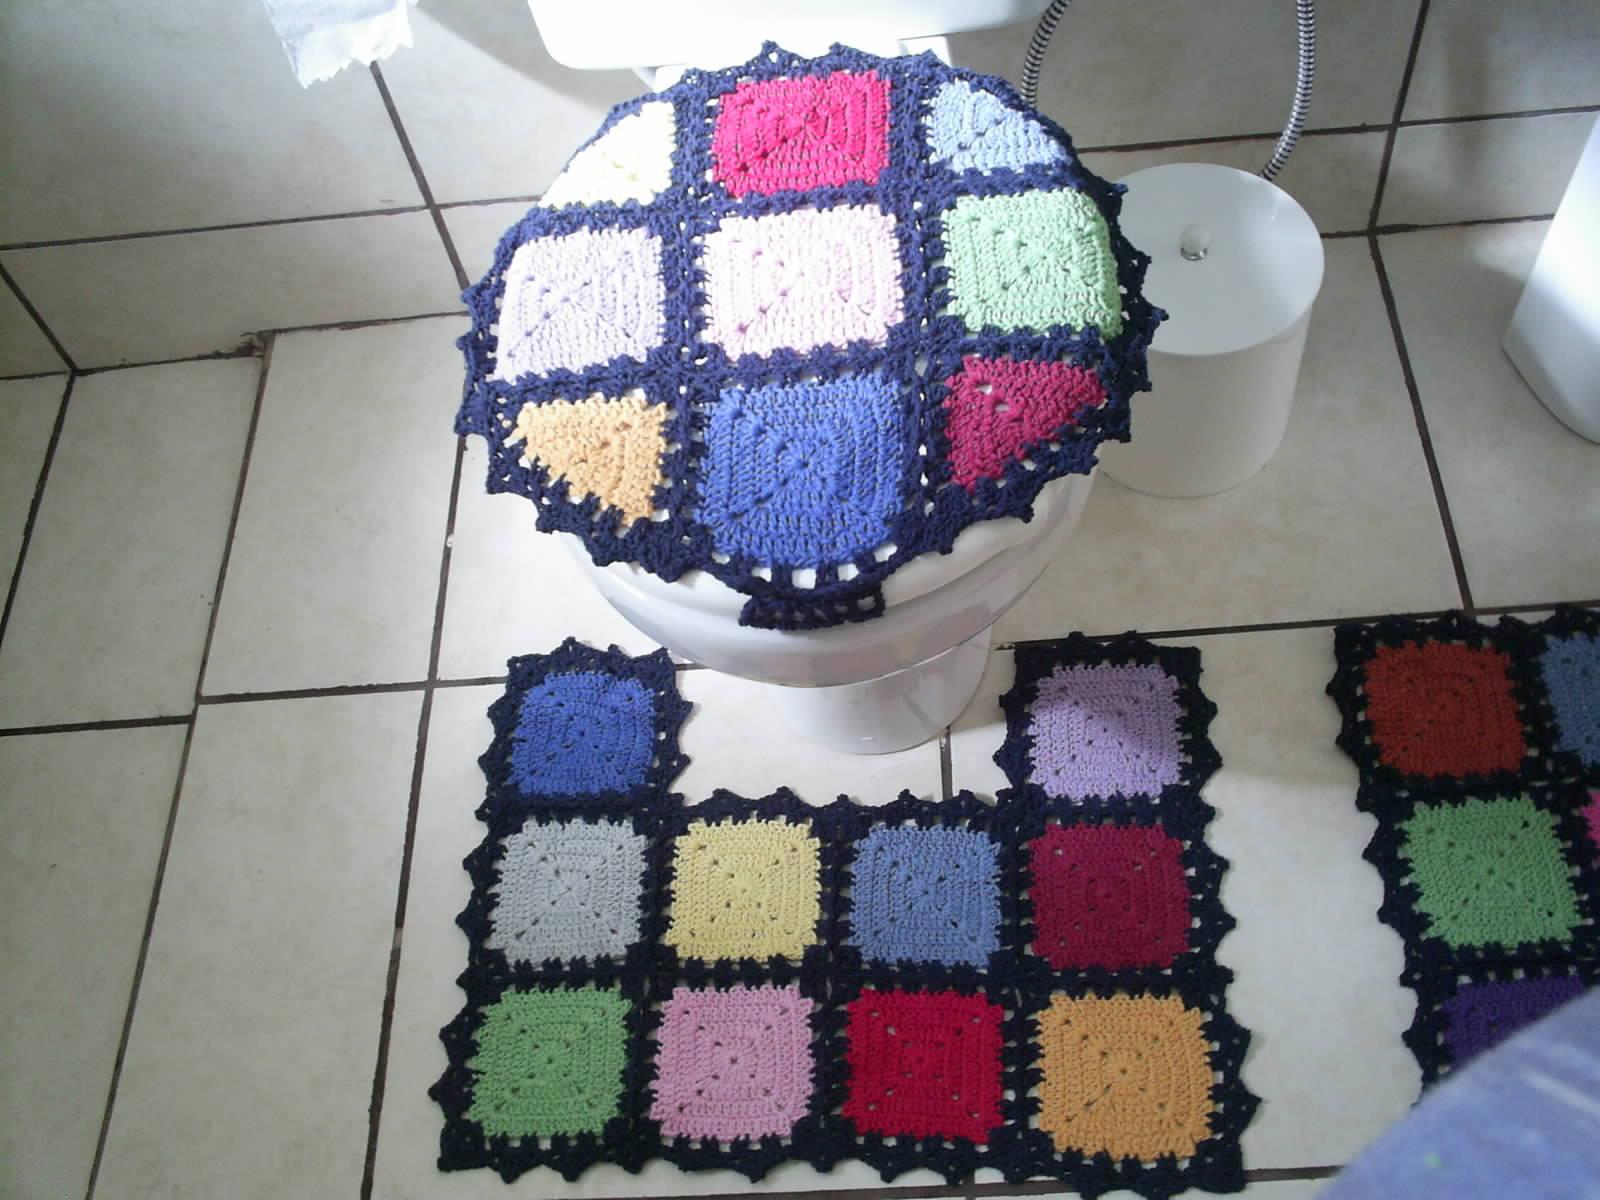 Imagens de #6E1631 jogo de banheiro quadrados coloridos jogo de banheiro quadrados  1600x1200 px 3316 Boutique Do Banheiro Campo Grande Ms